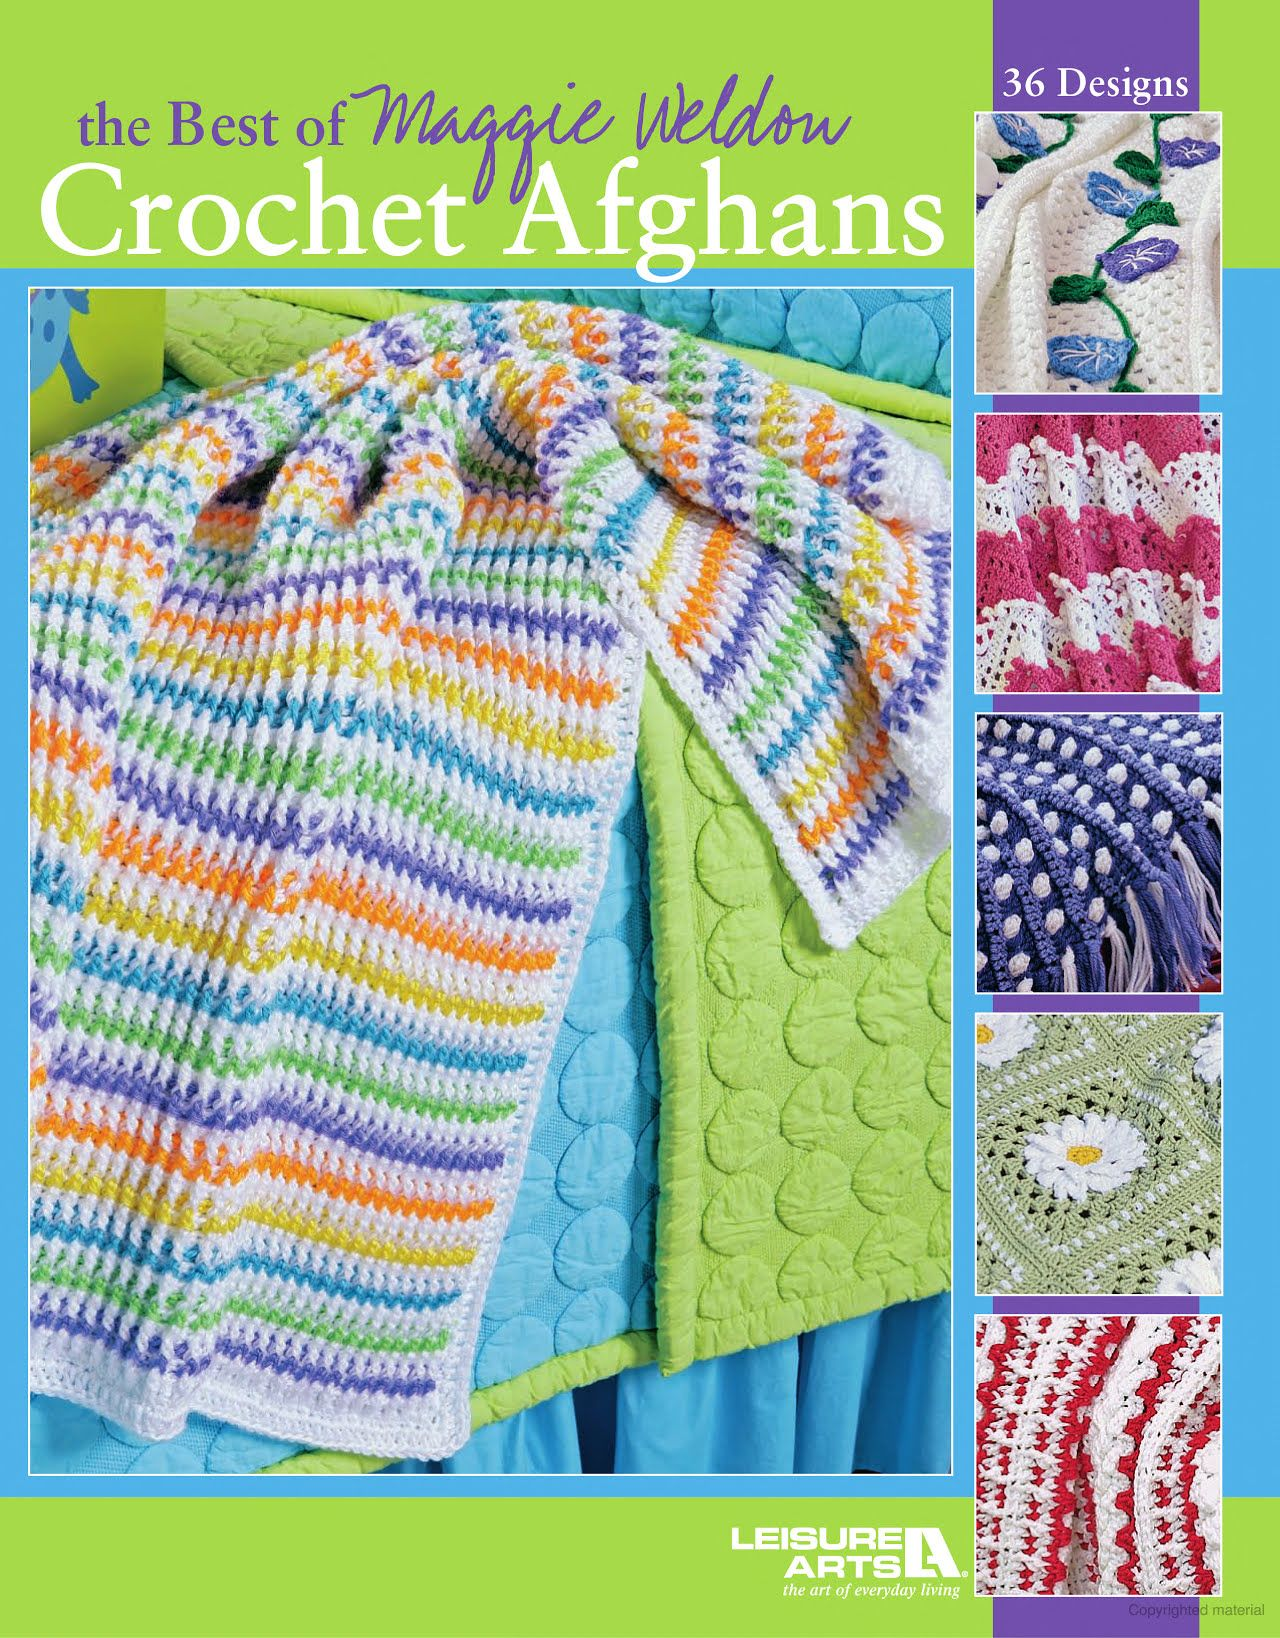 The Best of Maggie Weldon Crochet Afghans | Crochet | Pinterest